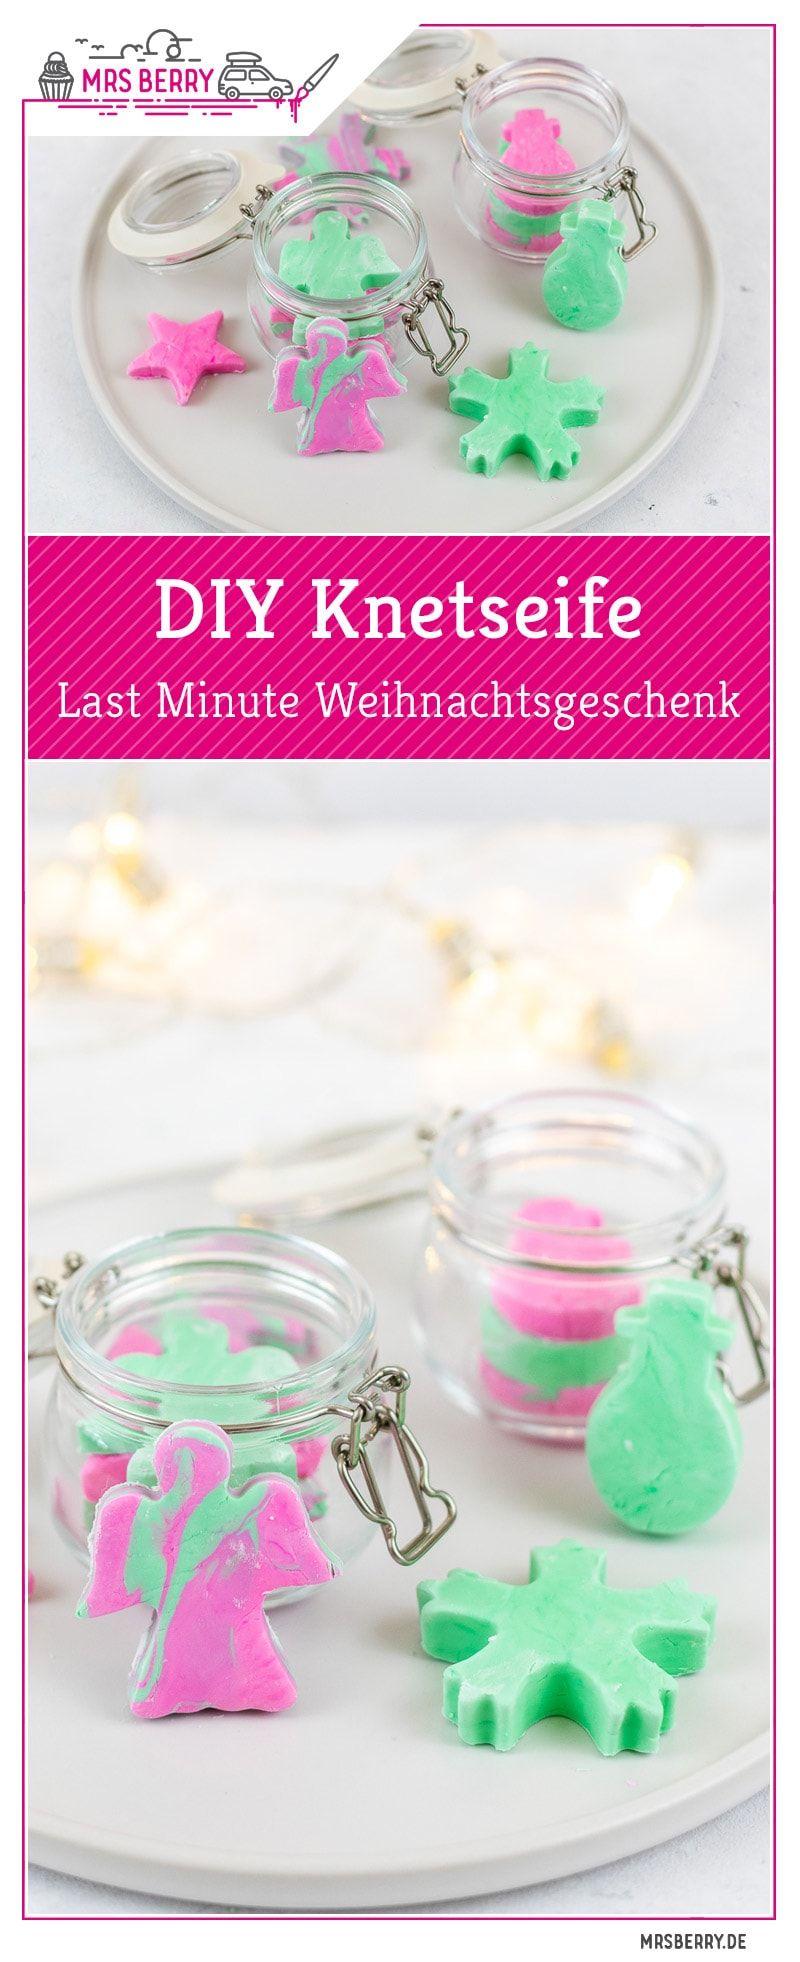 Geschenkidee: DIY Knetseife als Last Minute Weihnachtsgeschenk | MrsBerry.de